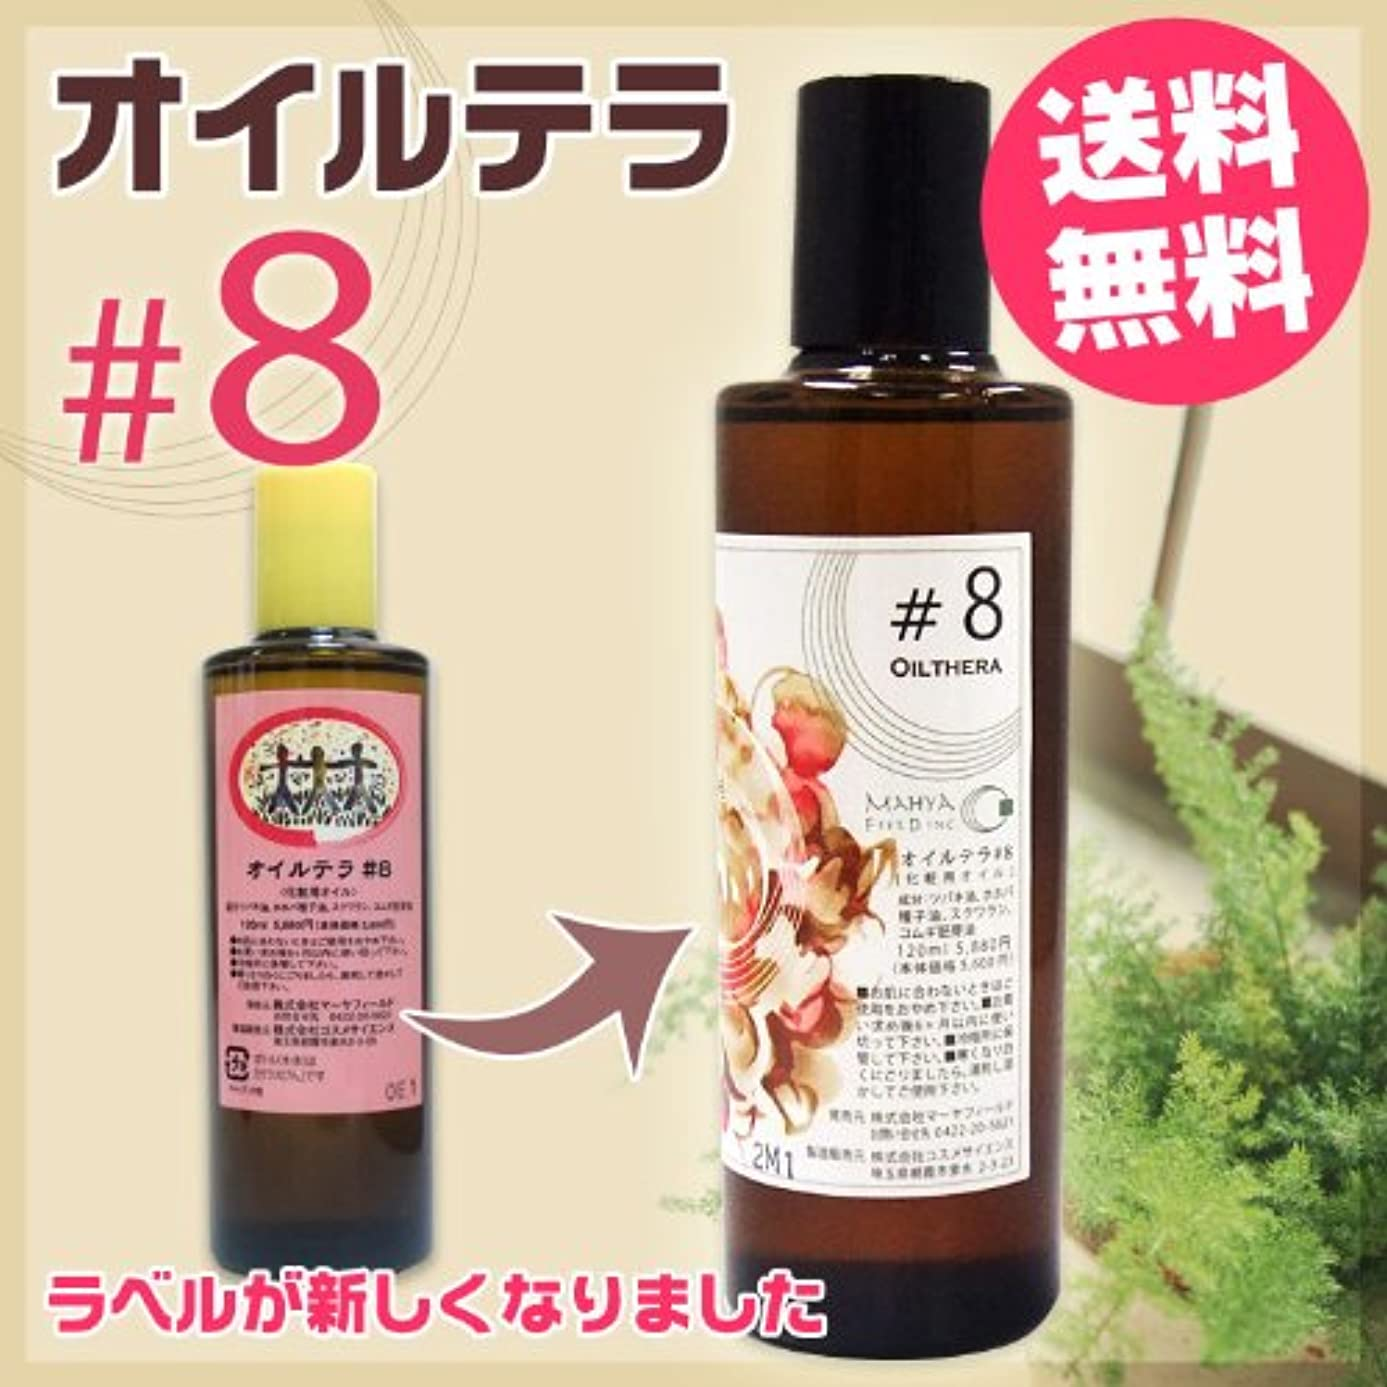 豆腐頬骨無意識オイルテラ8番 (スオイルテラ?8)